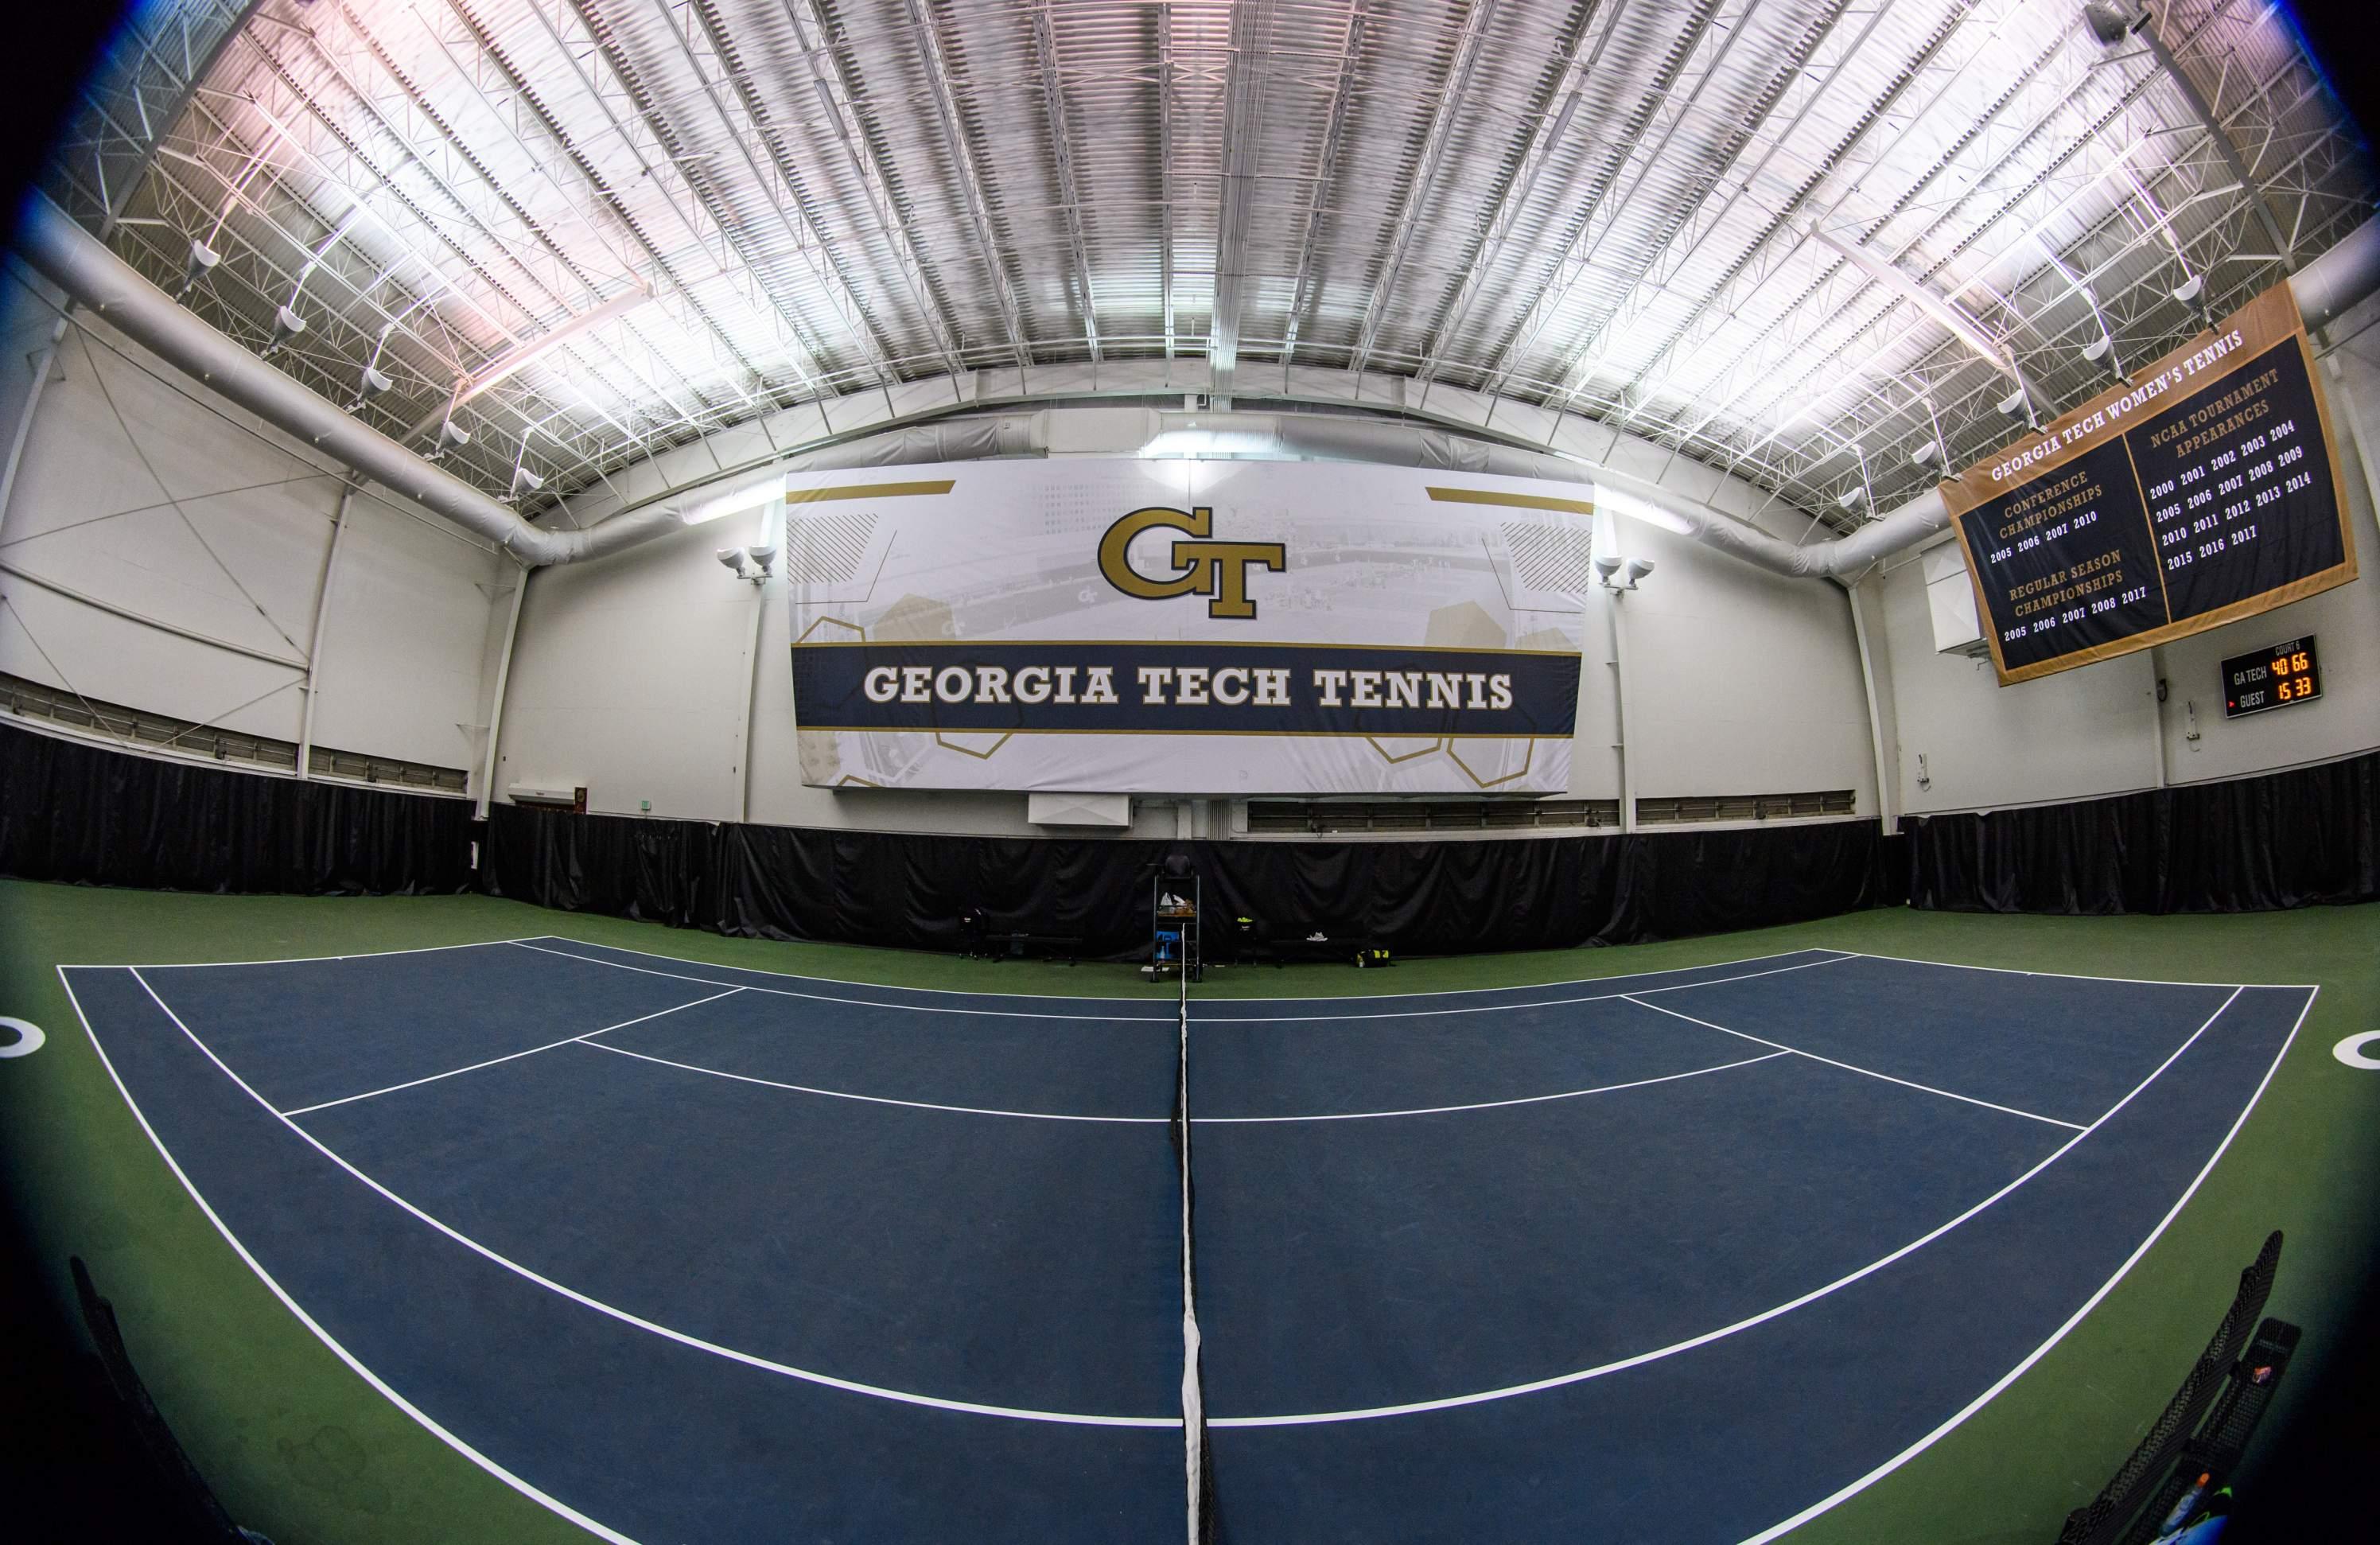 New Georgia Tech Tennis banner above court 6